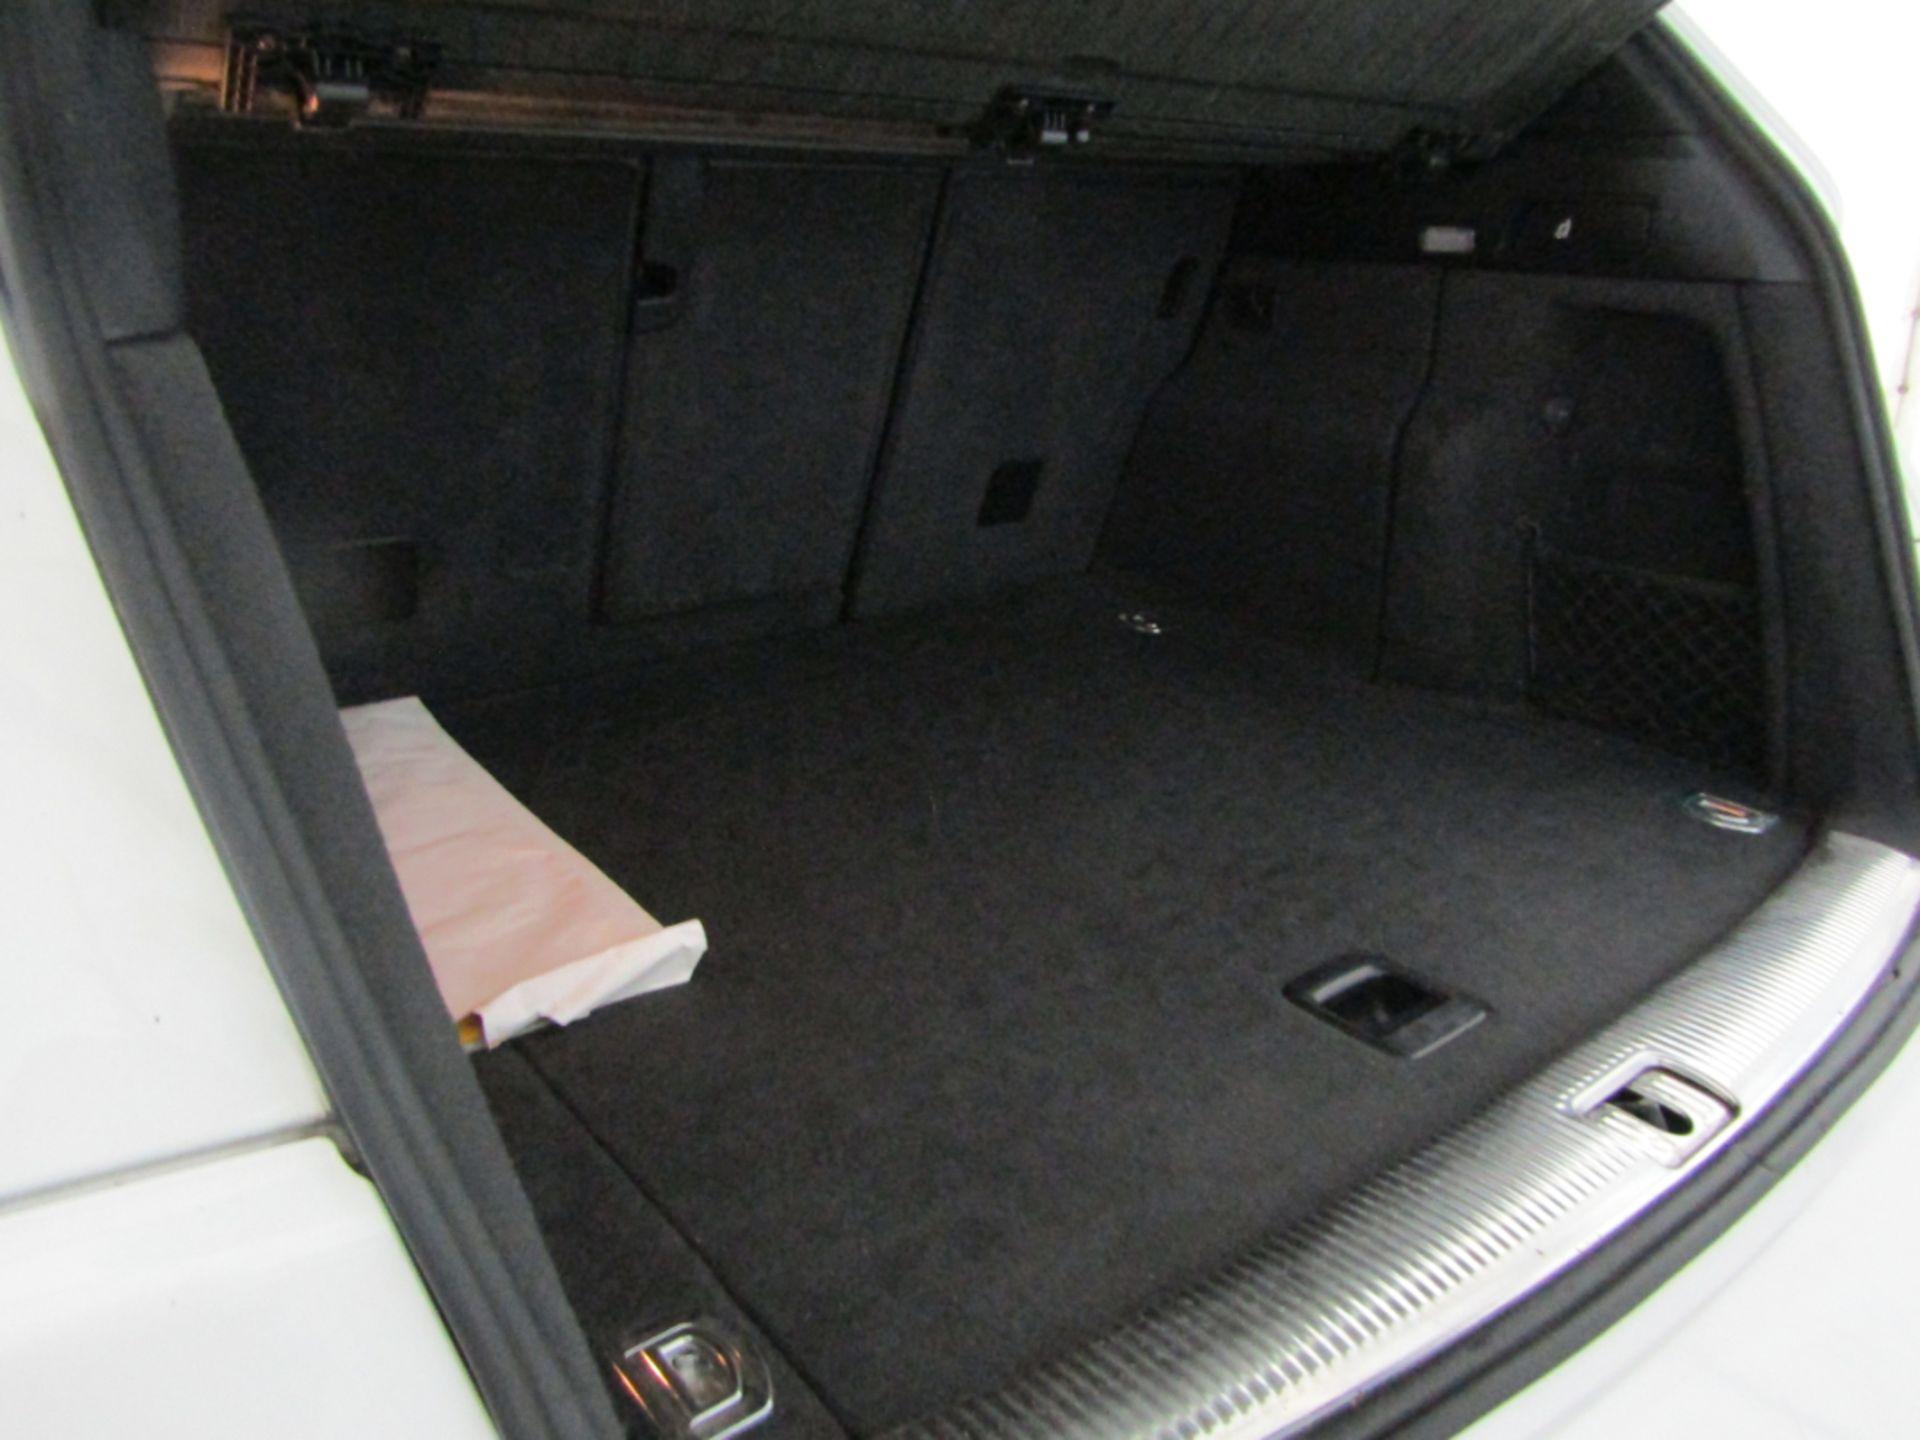 09 09 Audi Q5 S Line TFSI Quattro - Image 9 of 17